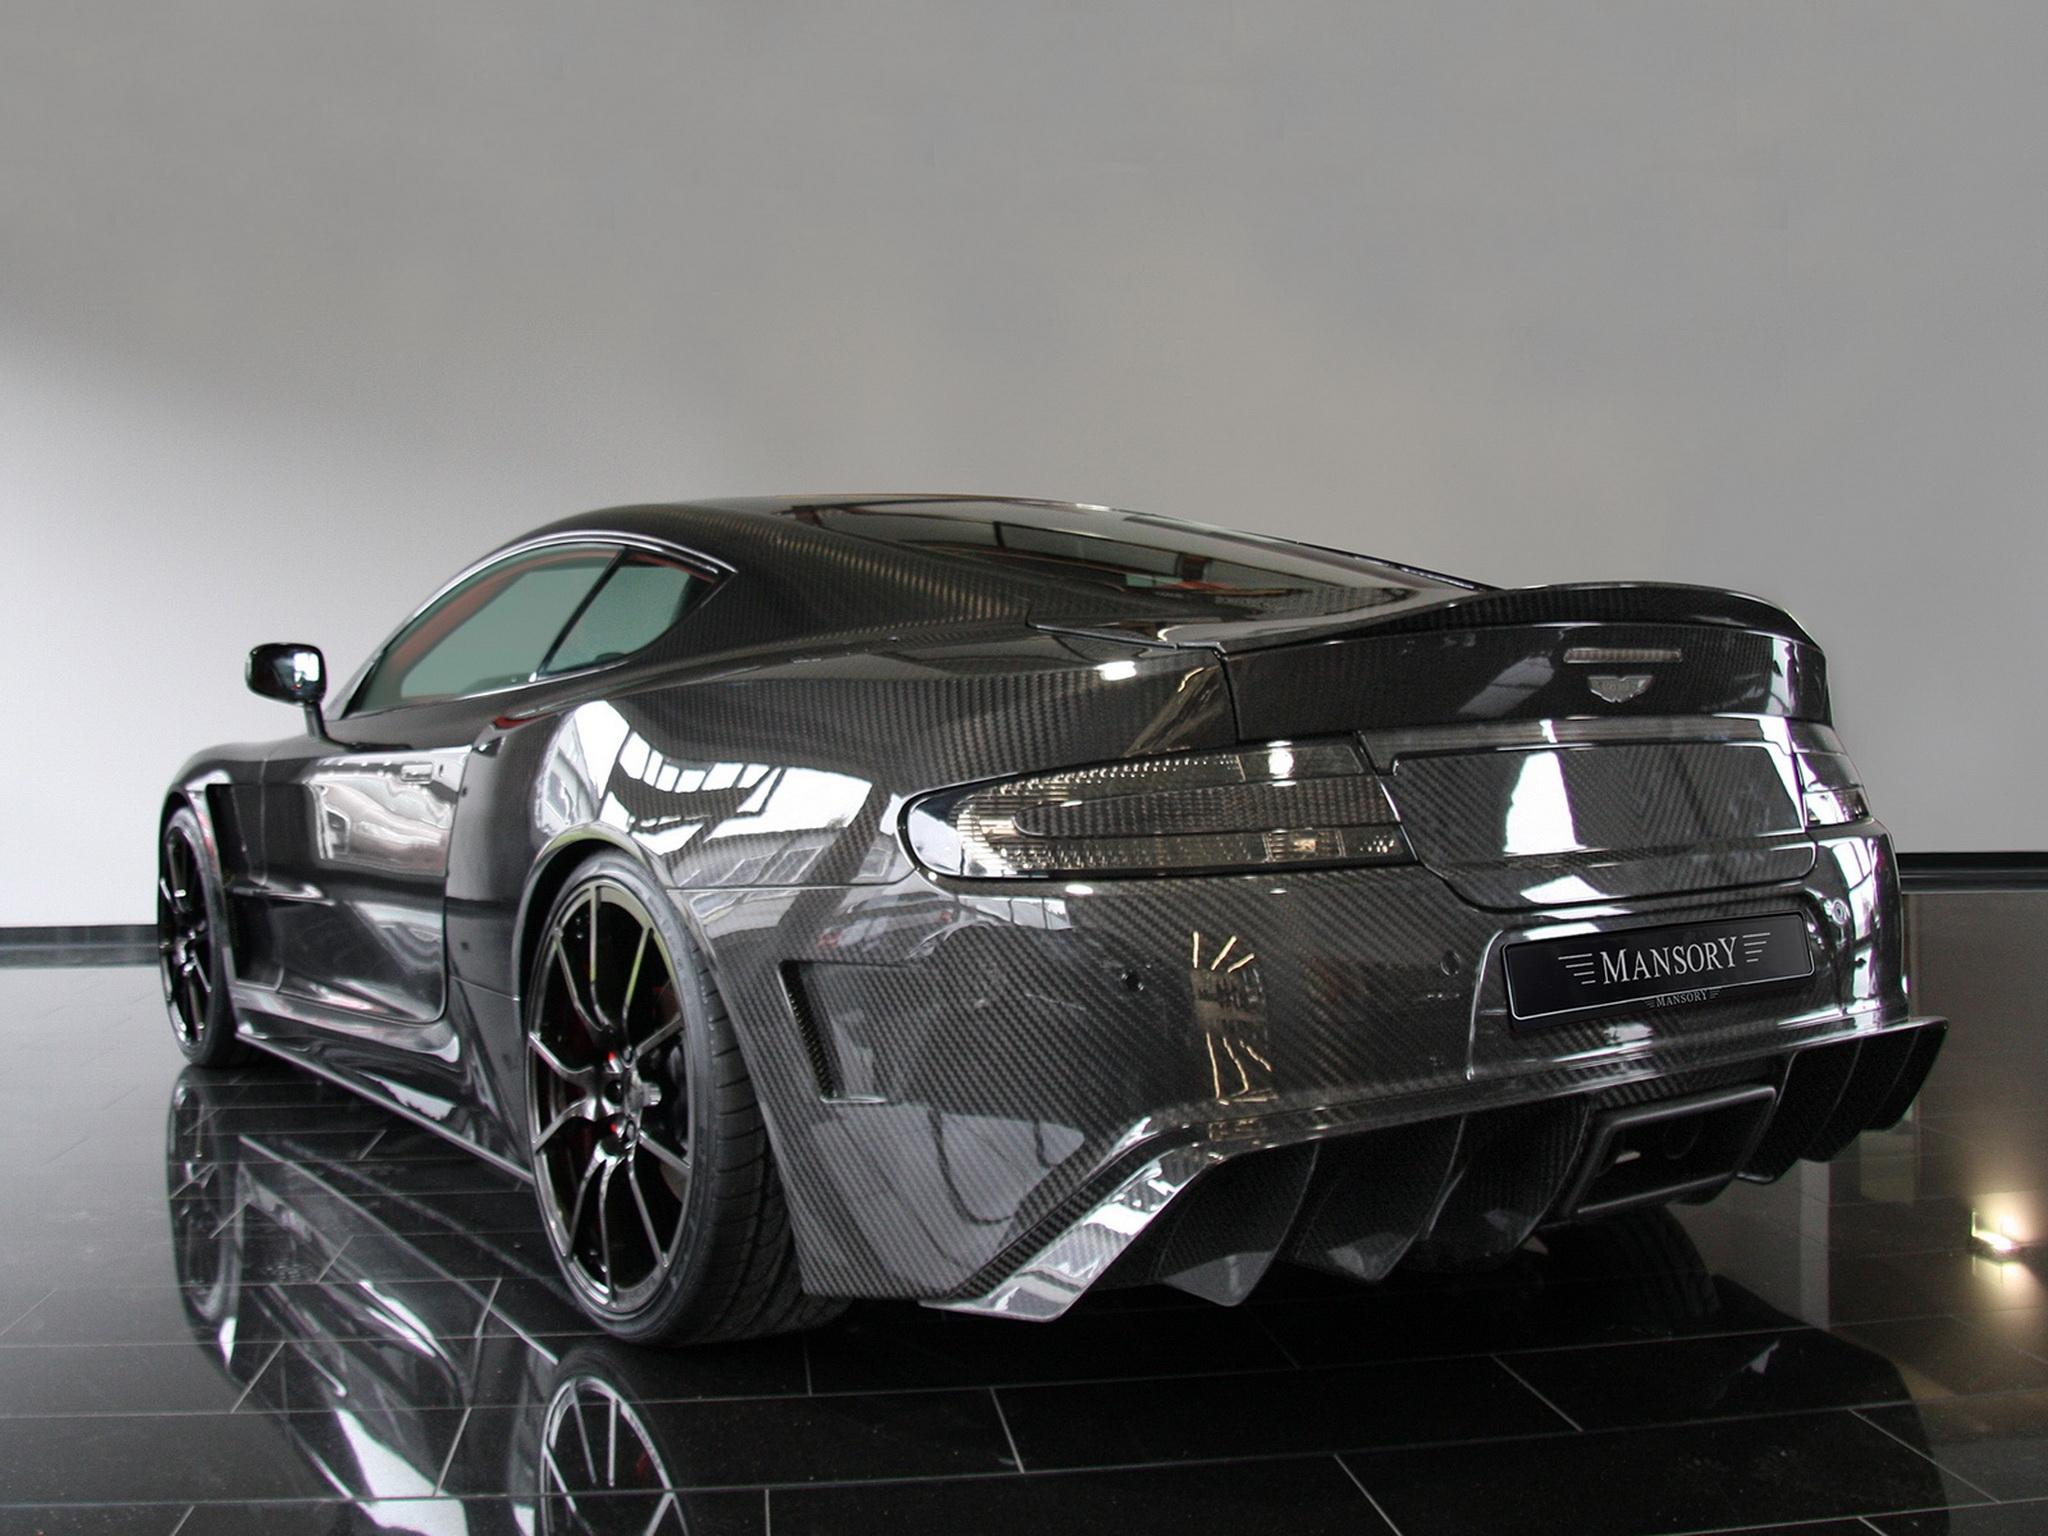 Hintergrundbilder Schwarz Auto Fahrzeug Rückansicht Sportwagen Mansory Aston Martin Aston Martin Dbs Coupe Leistungsauto Aston Martin Vanquish 2009 Rad Stil Supercar Reflektiert Kohlenstoff Landfahrzeug Automobil Design Automobil